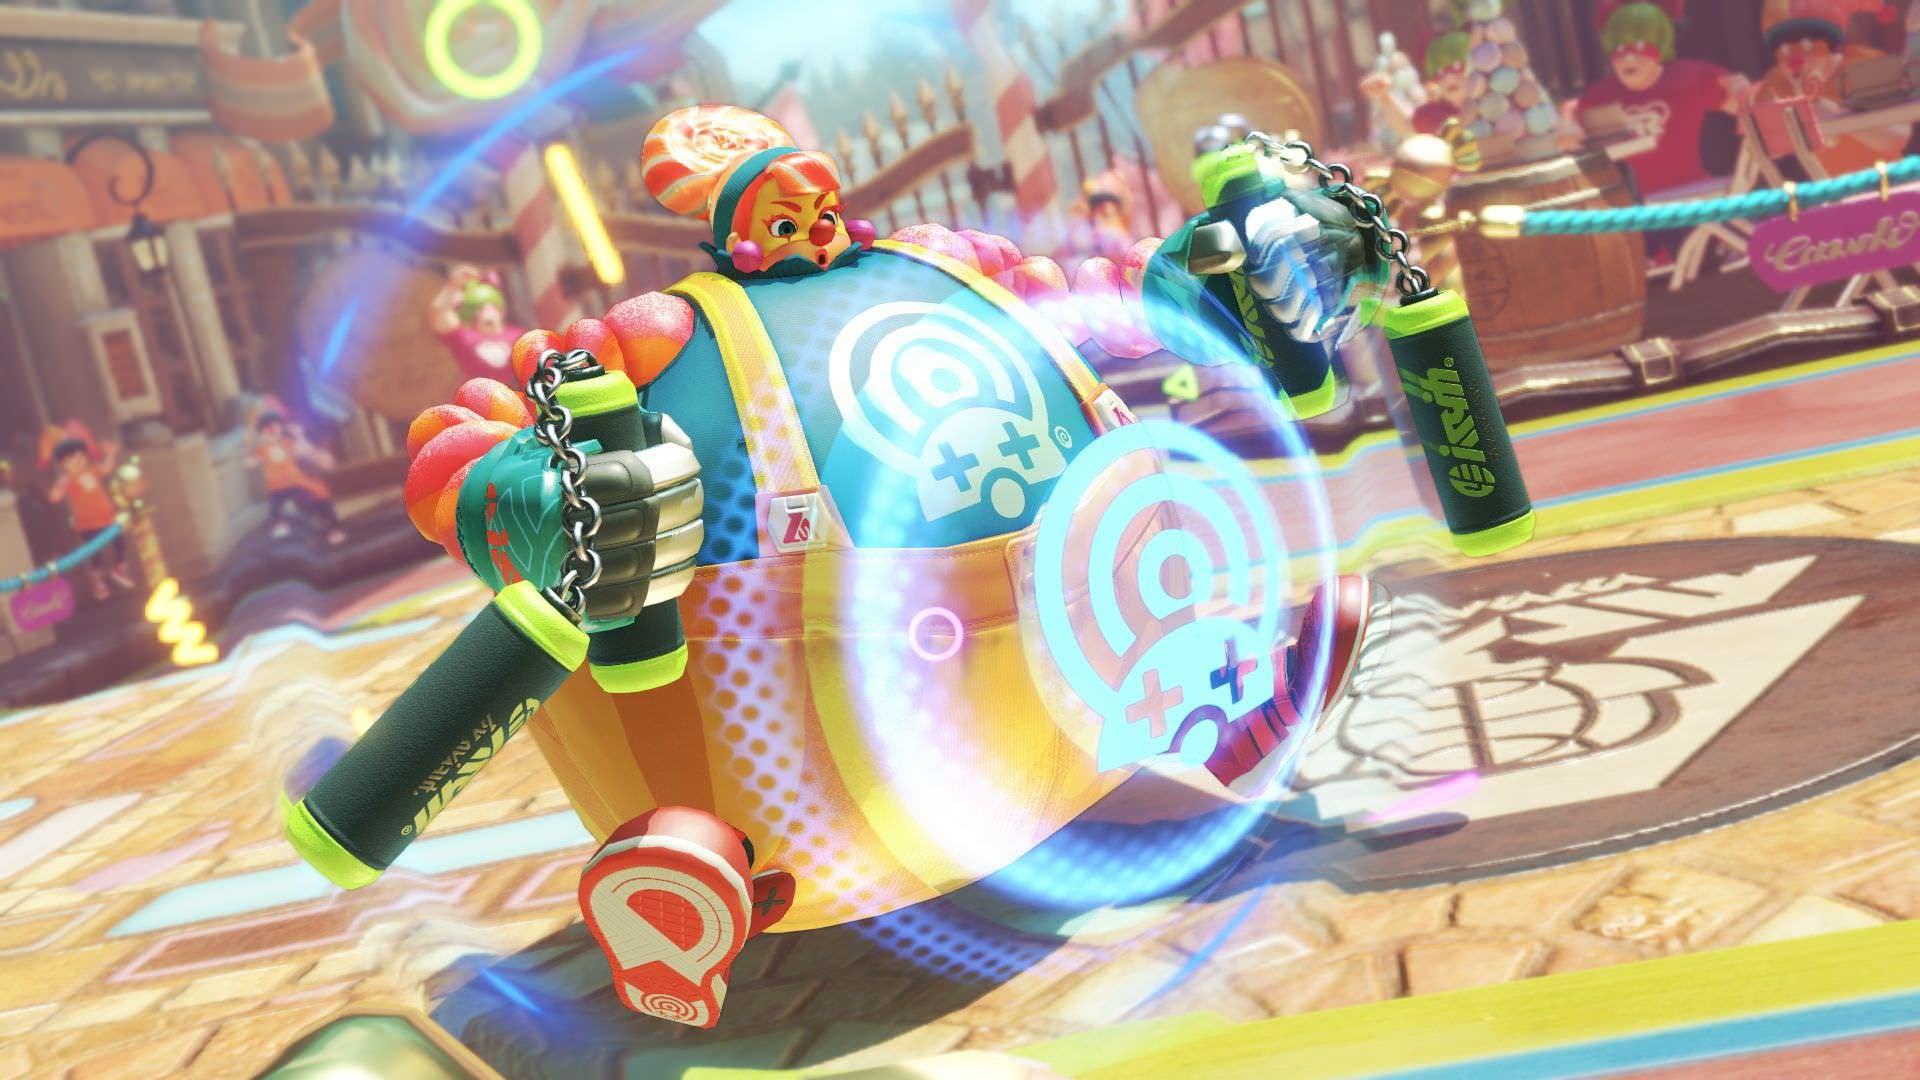 Nintendo comparte más detalles sobre Lola Pop y sus puños en ARMS